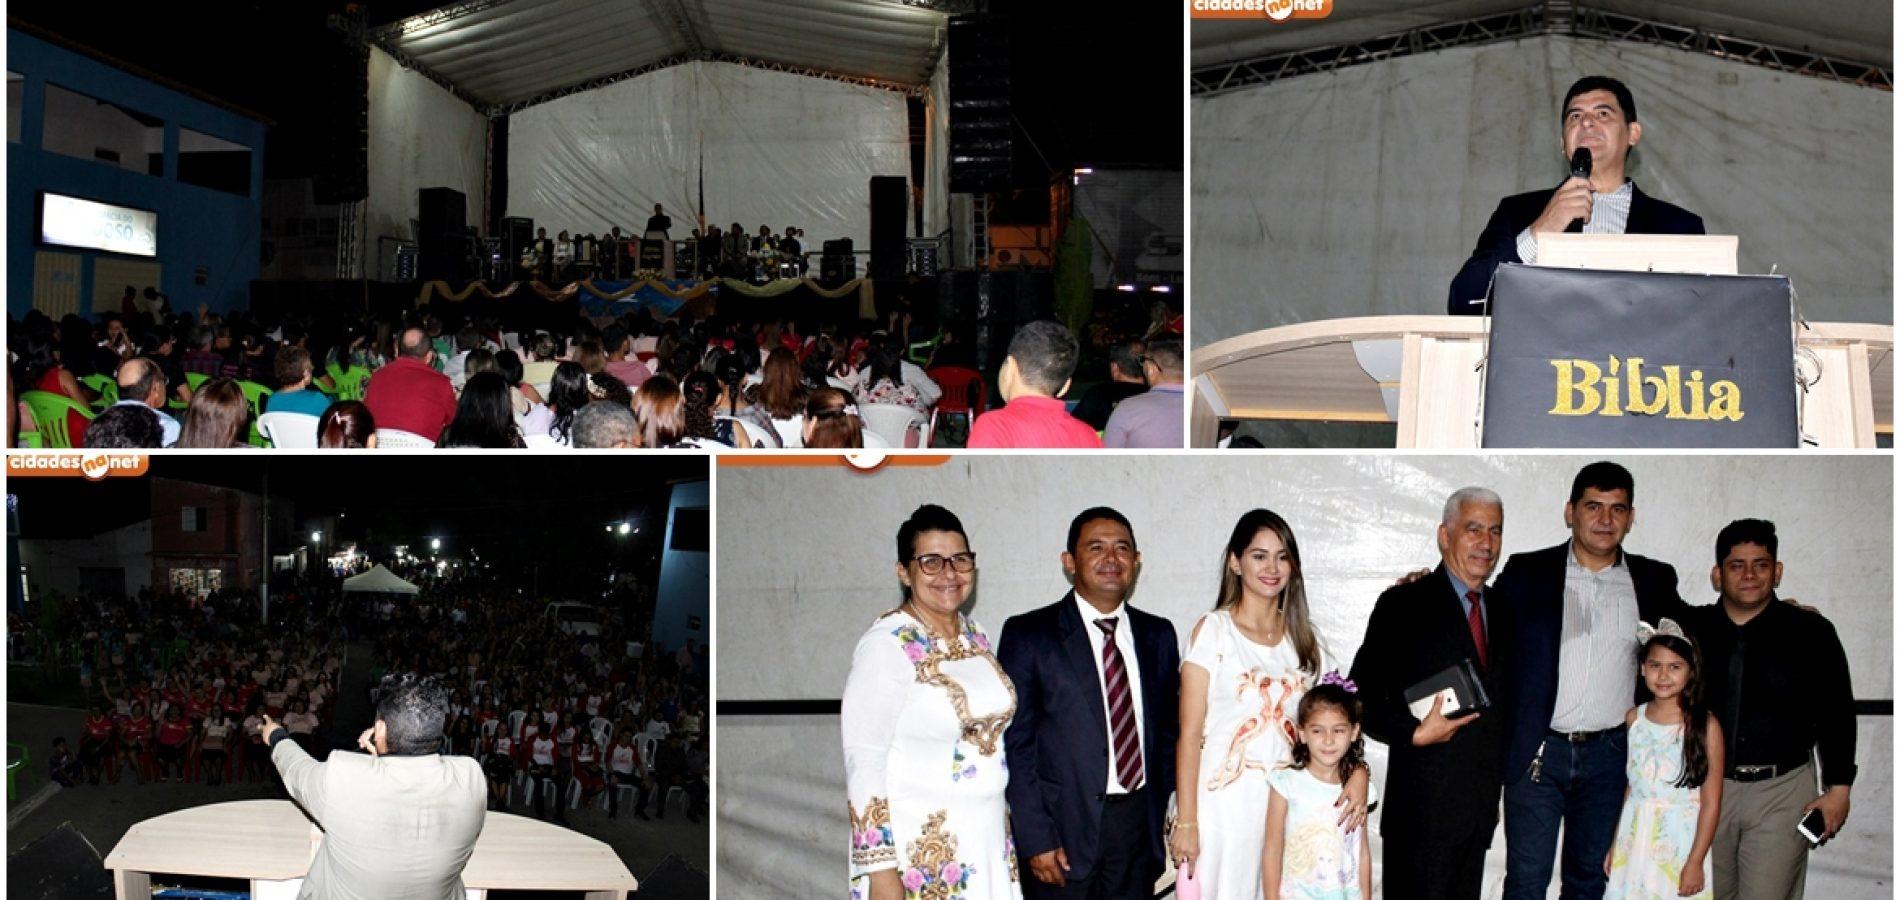 SÃO JULIÃO 59 ANOS | Prefeito Dr. Jonas promove Dia do Evangélico no aniversário do município; fotos